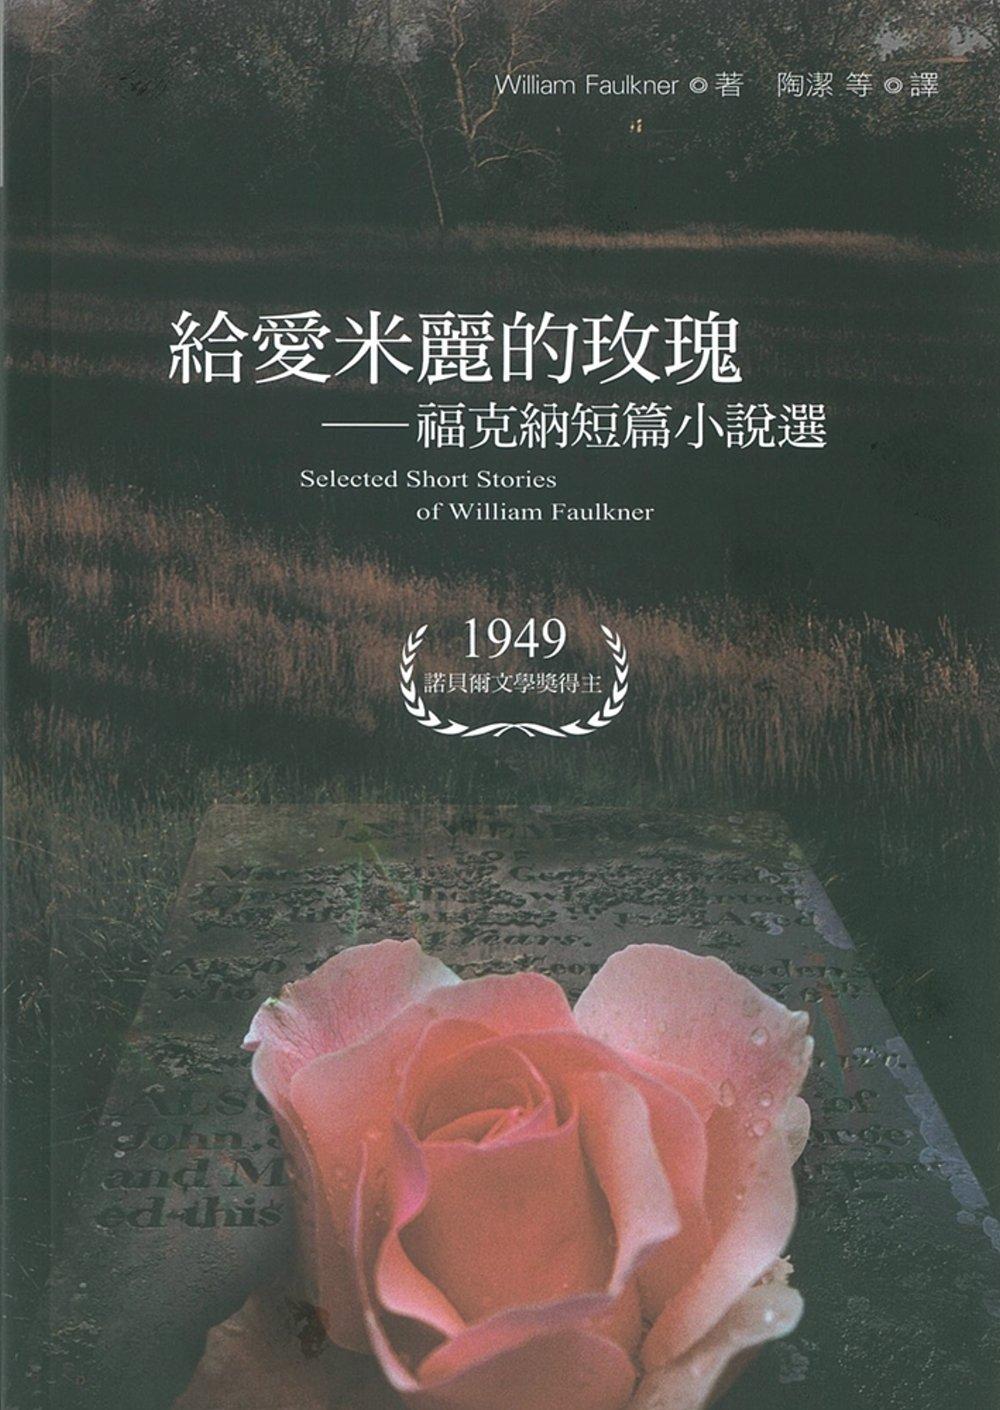 給愛米麗的玫瑰:福克納短篇小說選